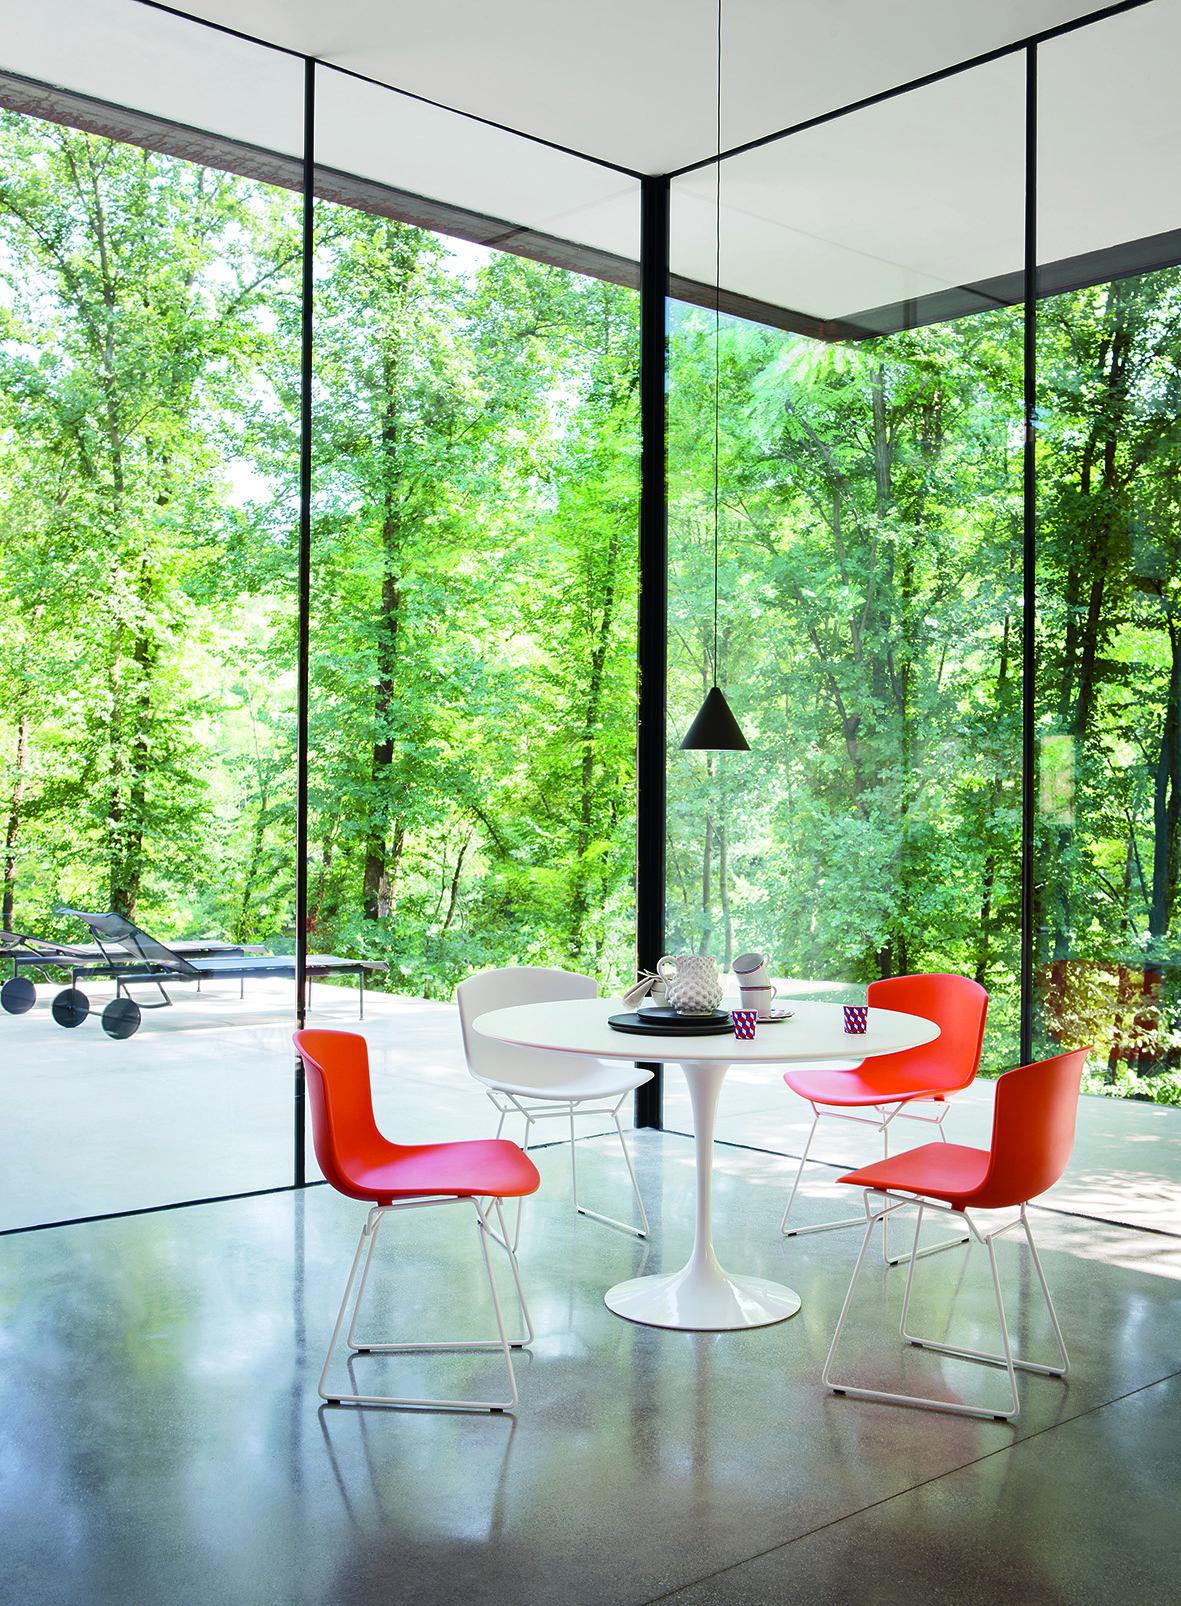 Emejing Interieur Winkel Gent Gallery - Ideeën Voor Thuis ...